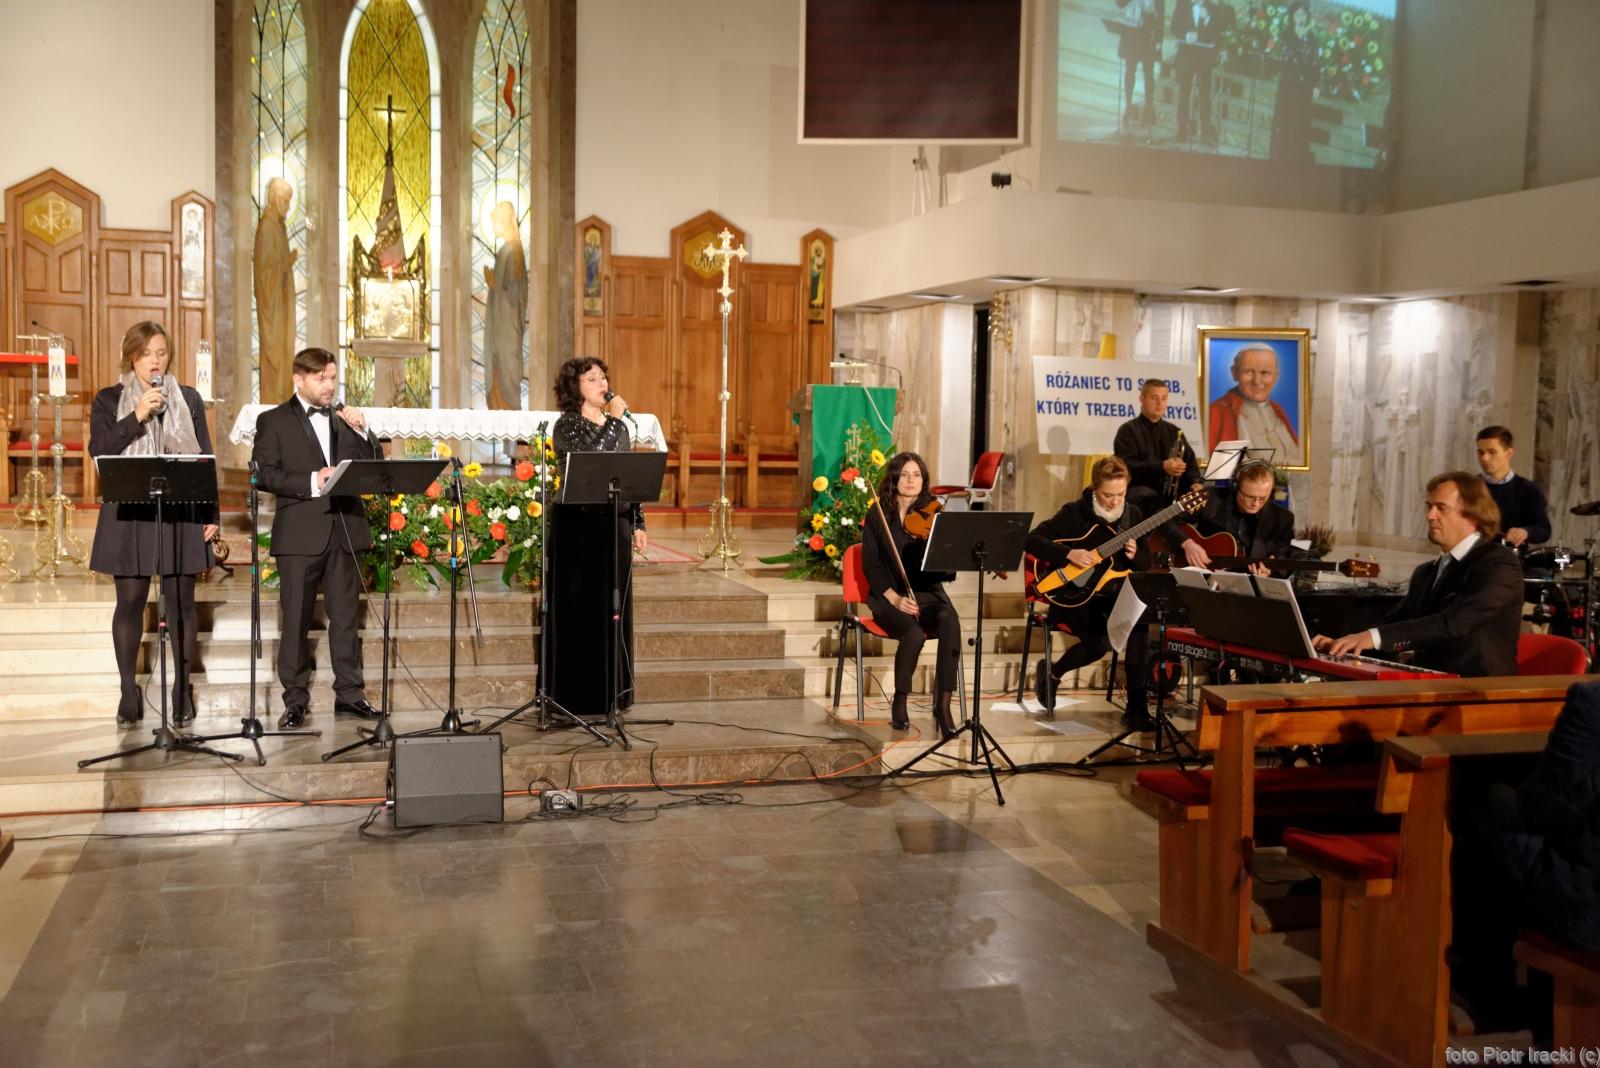 Zdjęcia z Koncertu Zespołu Lumen 06.10.2018 r.